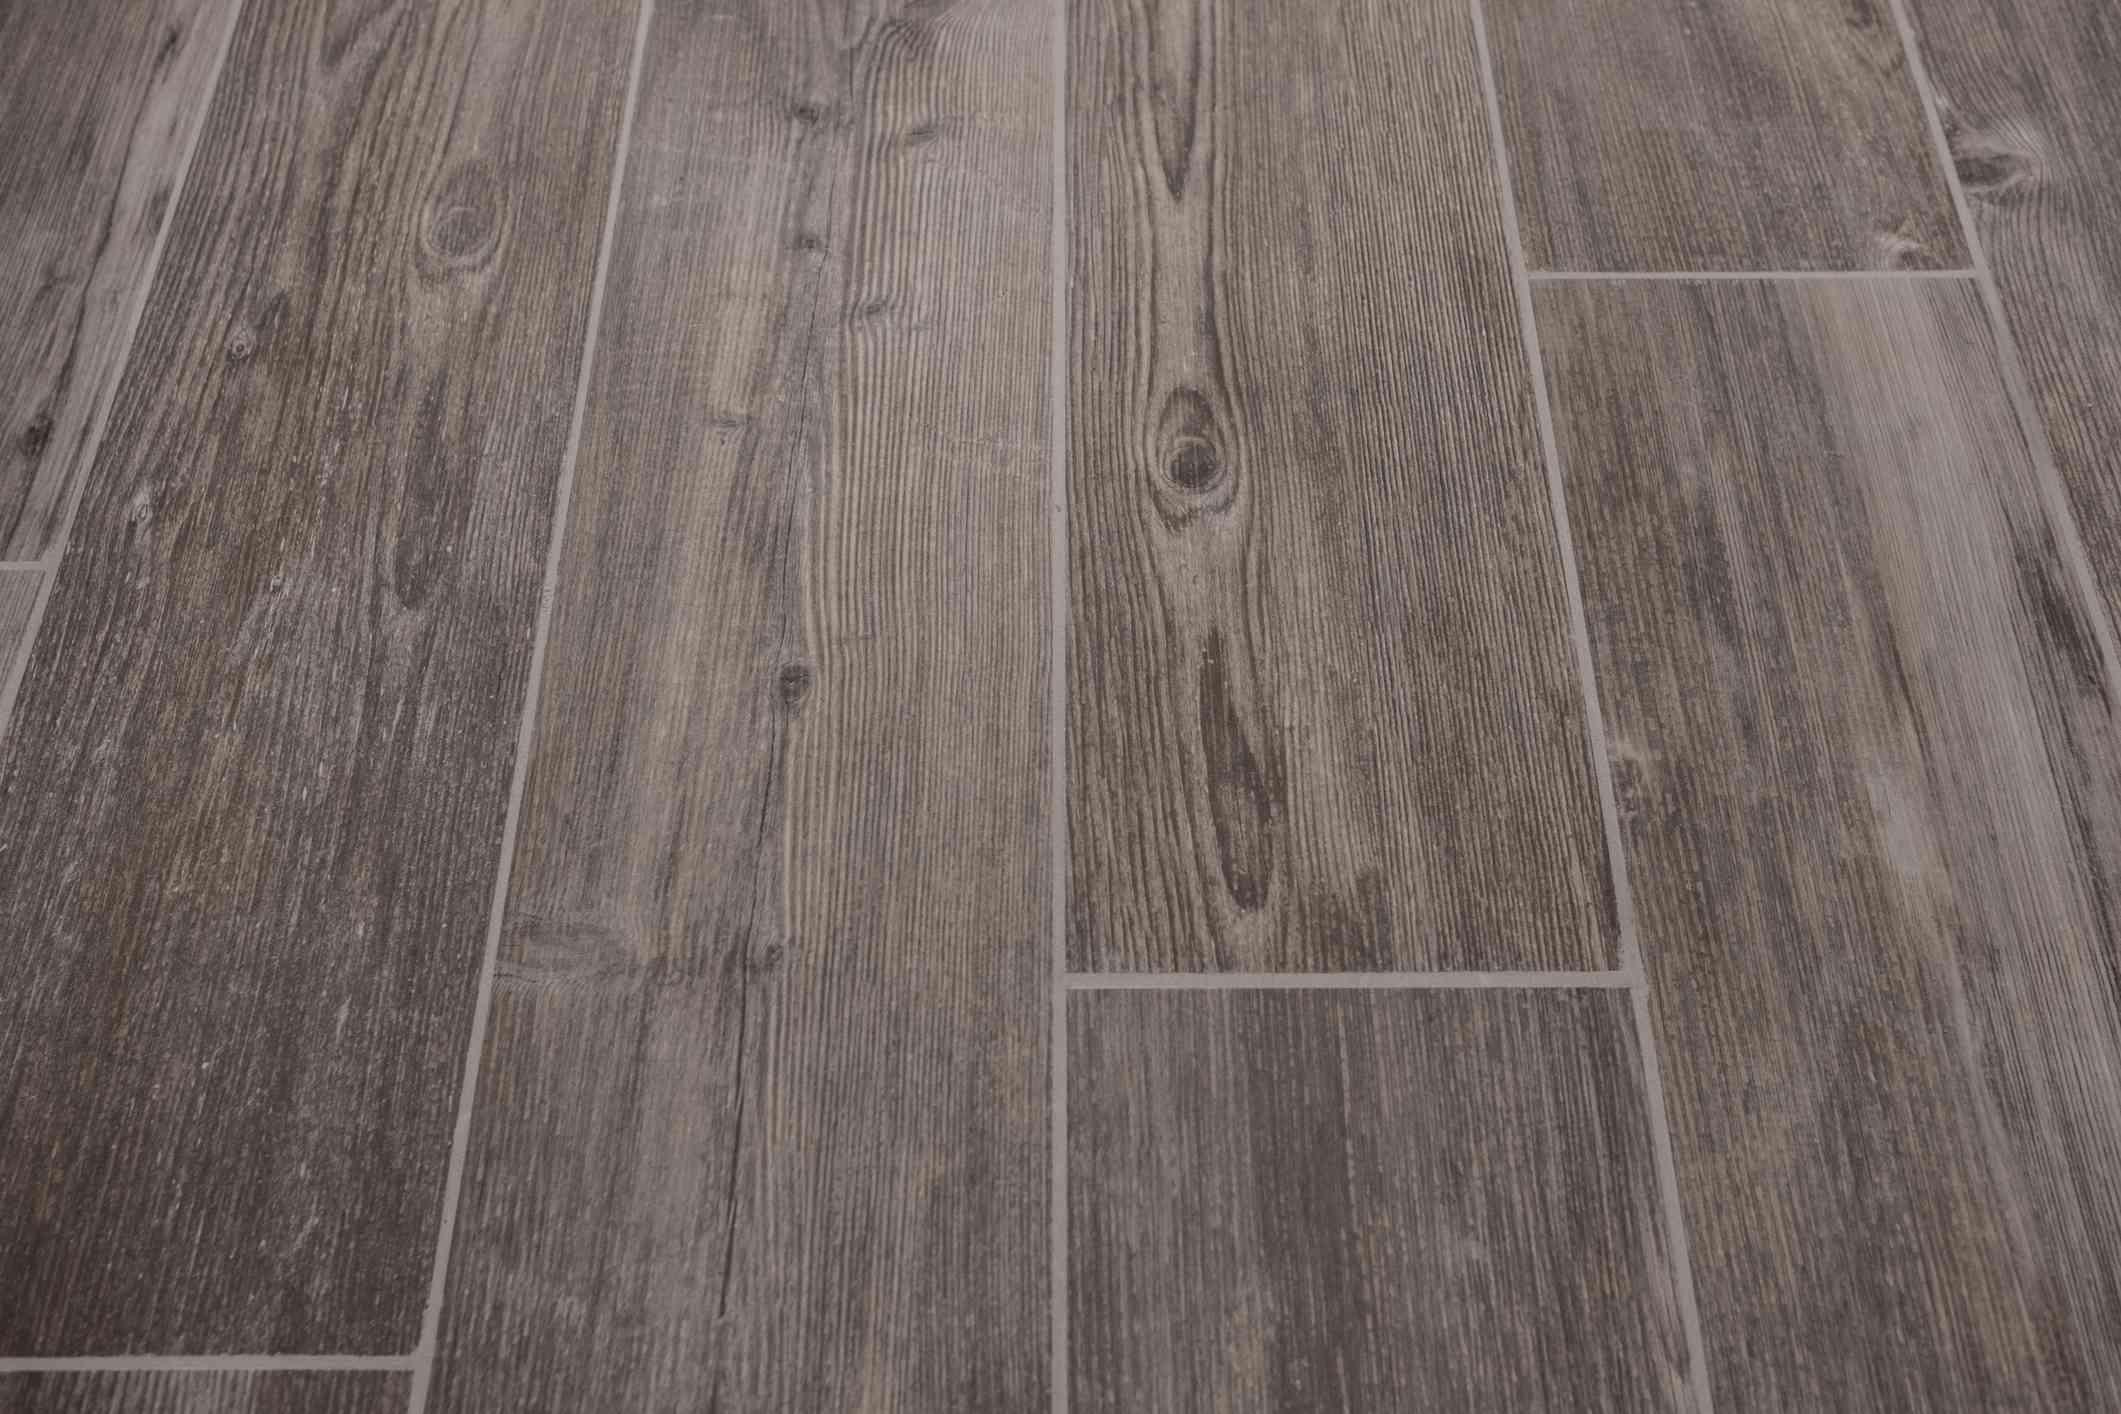 tiles with wooden texture - tiled floor , wood design